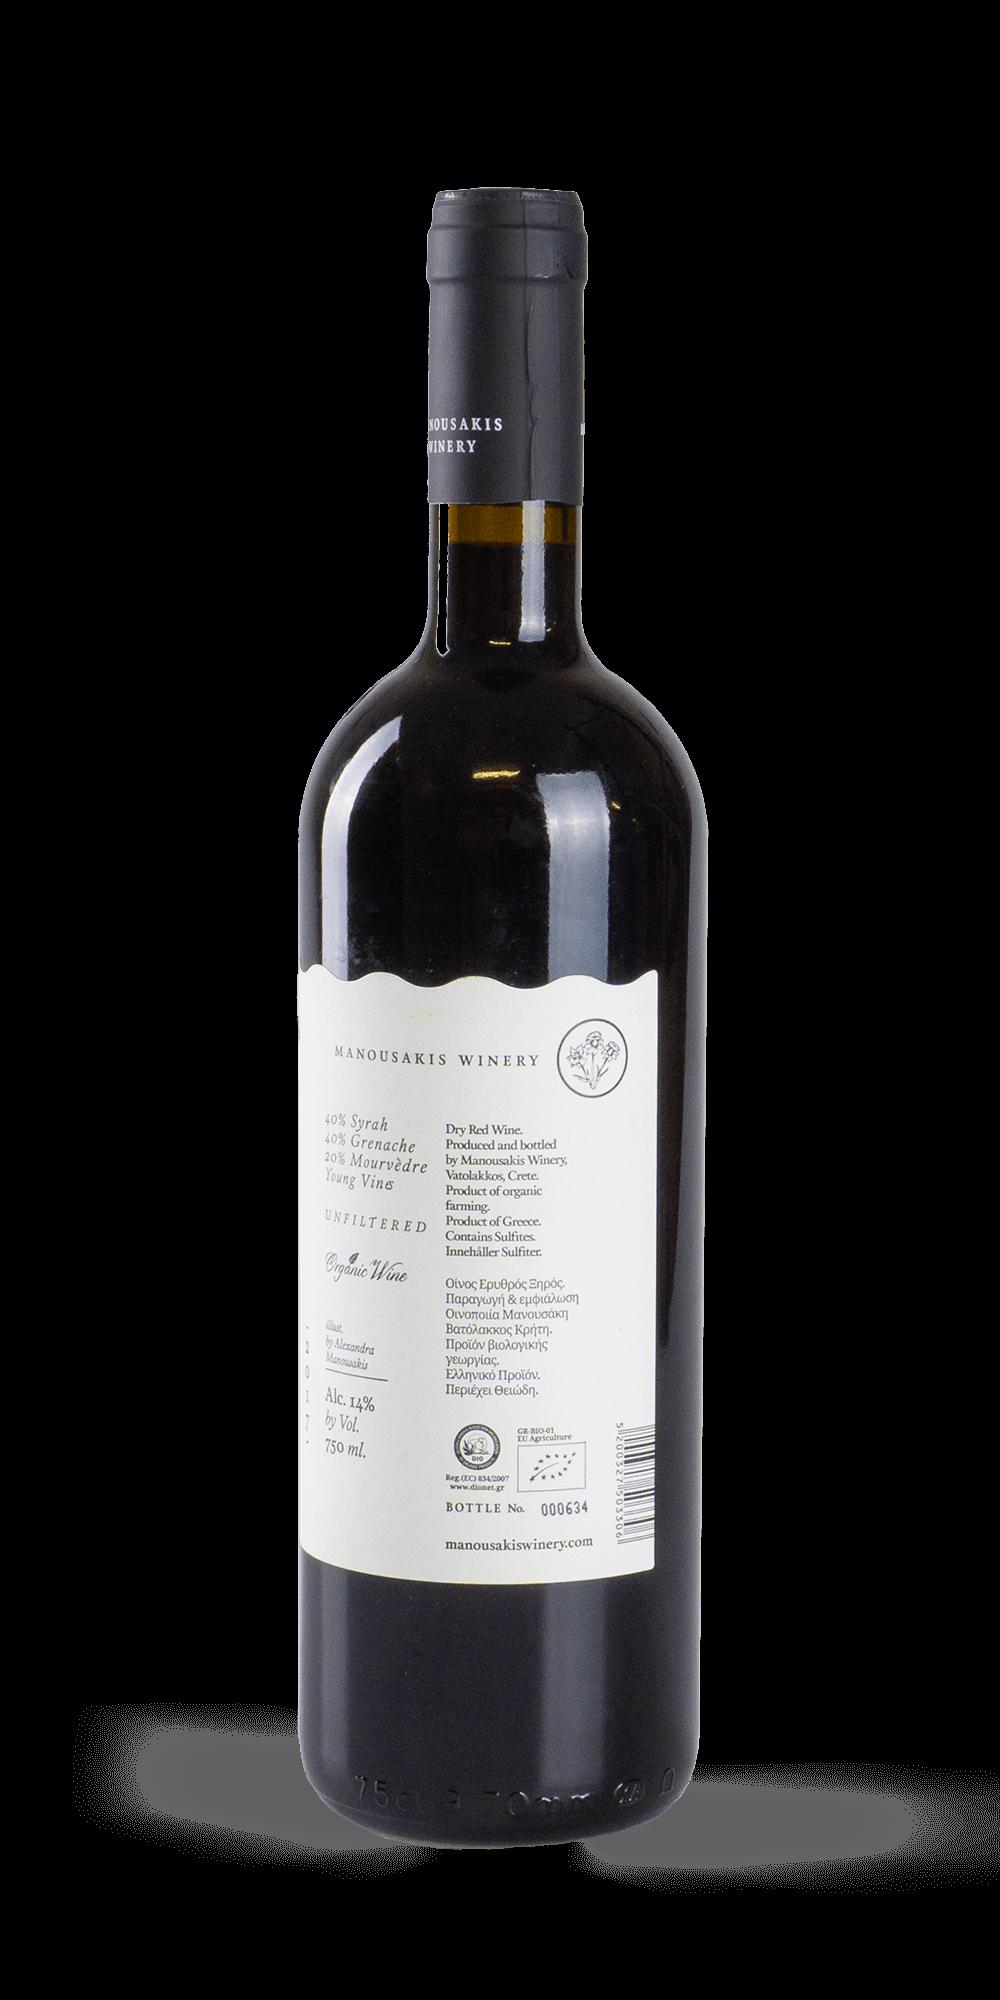 Nostos Alexandras BIO 2017 - Manousakis Winery